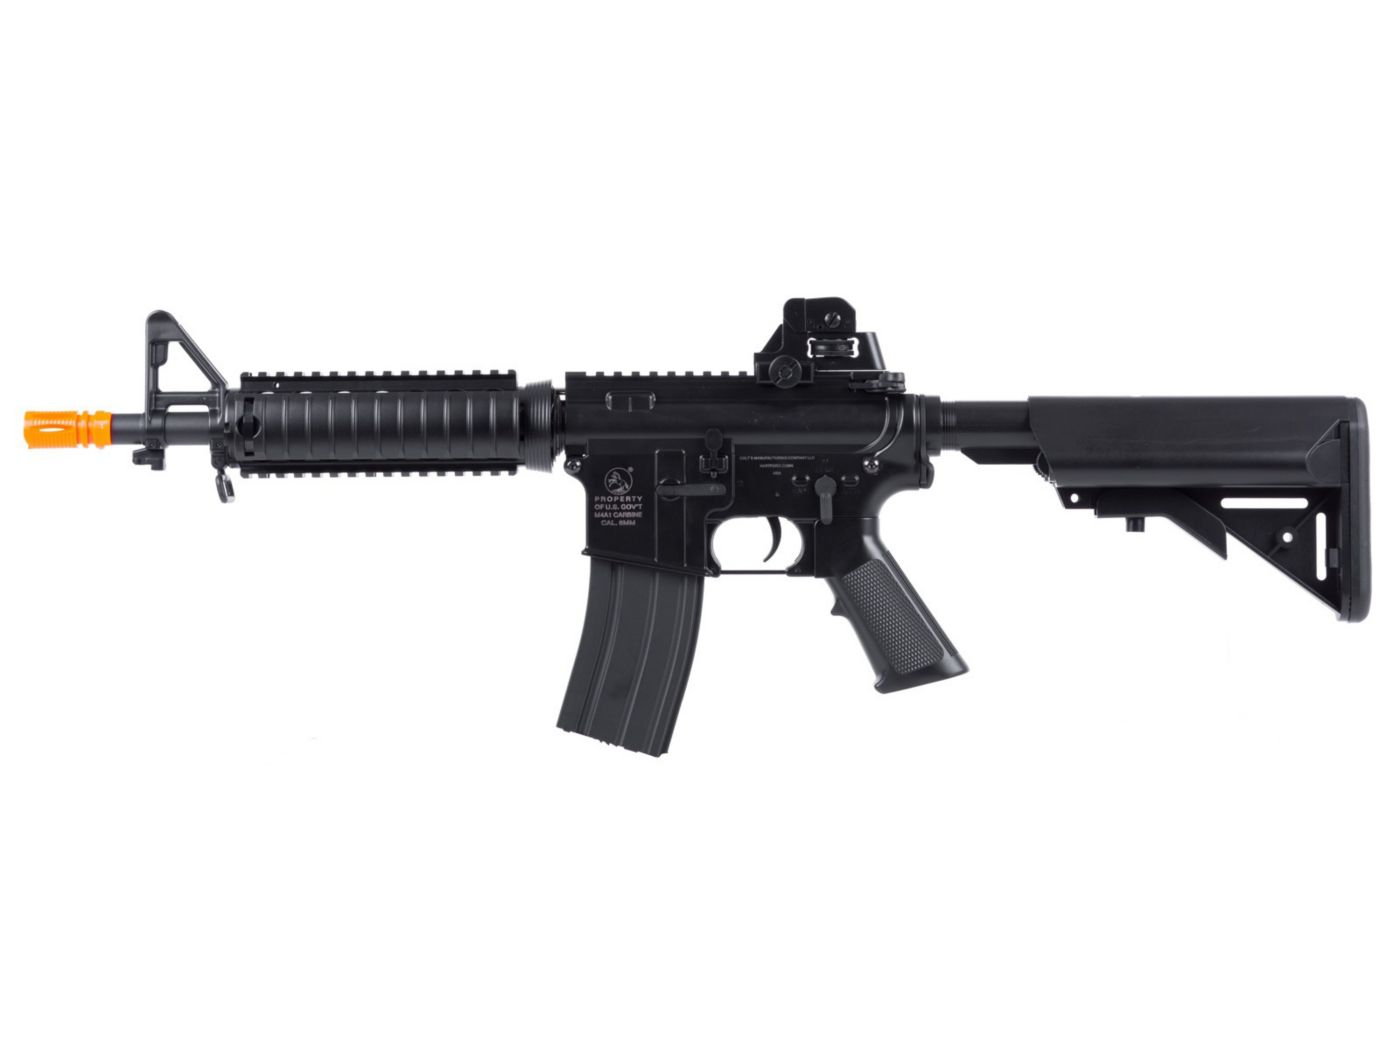 Soft Air M4 CQBR Carbine Airsoft Gun